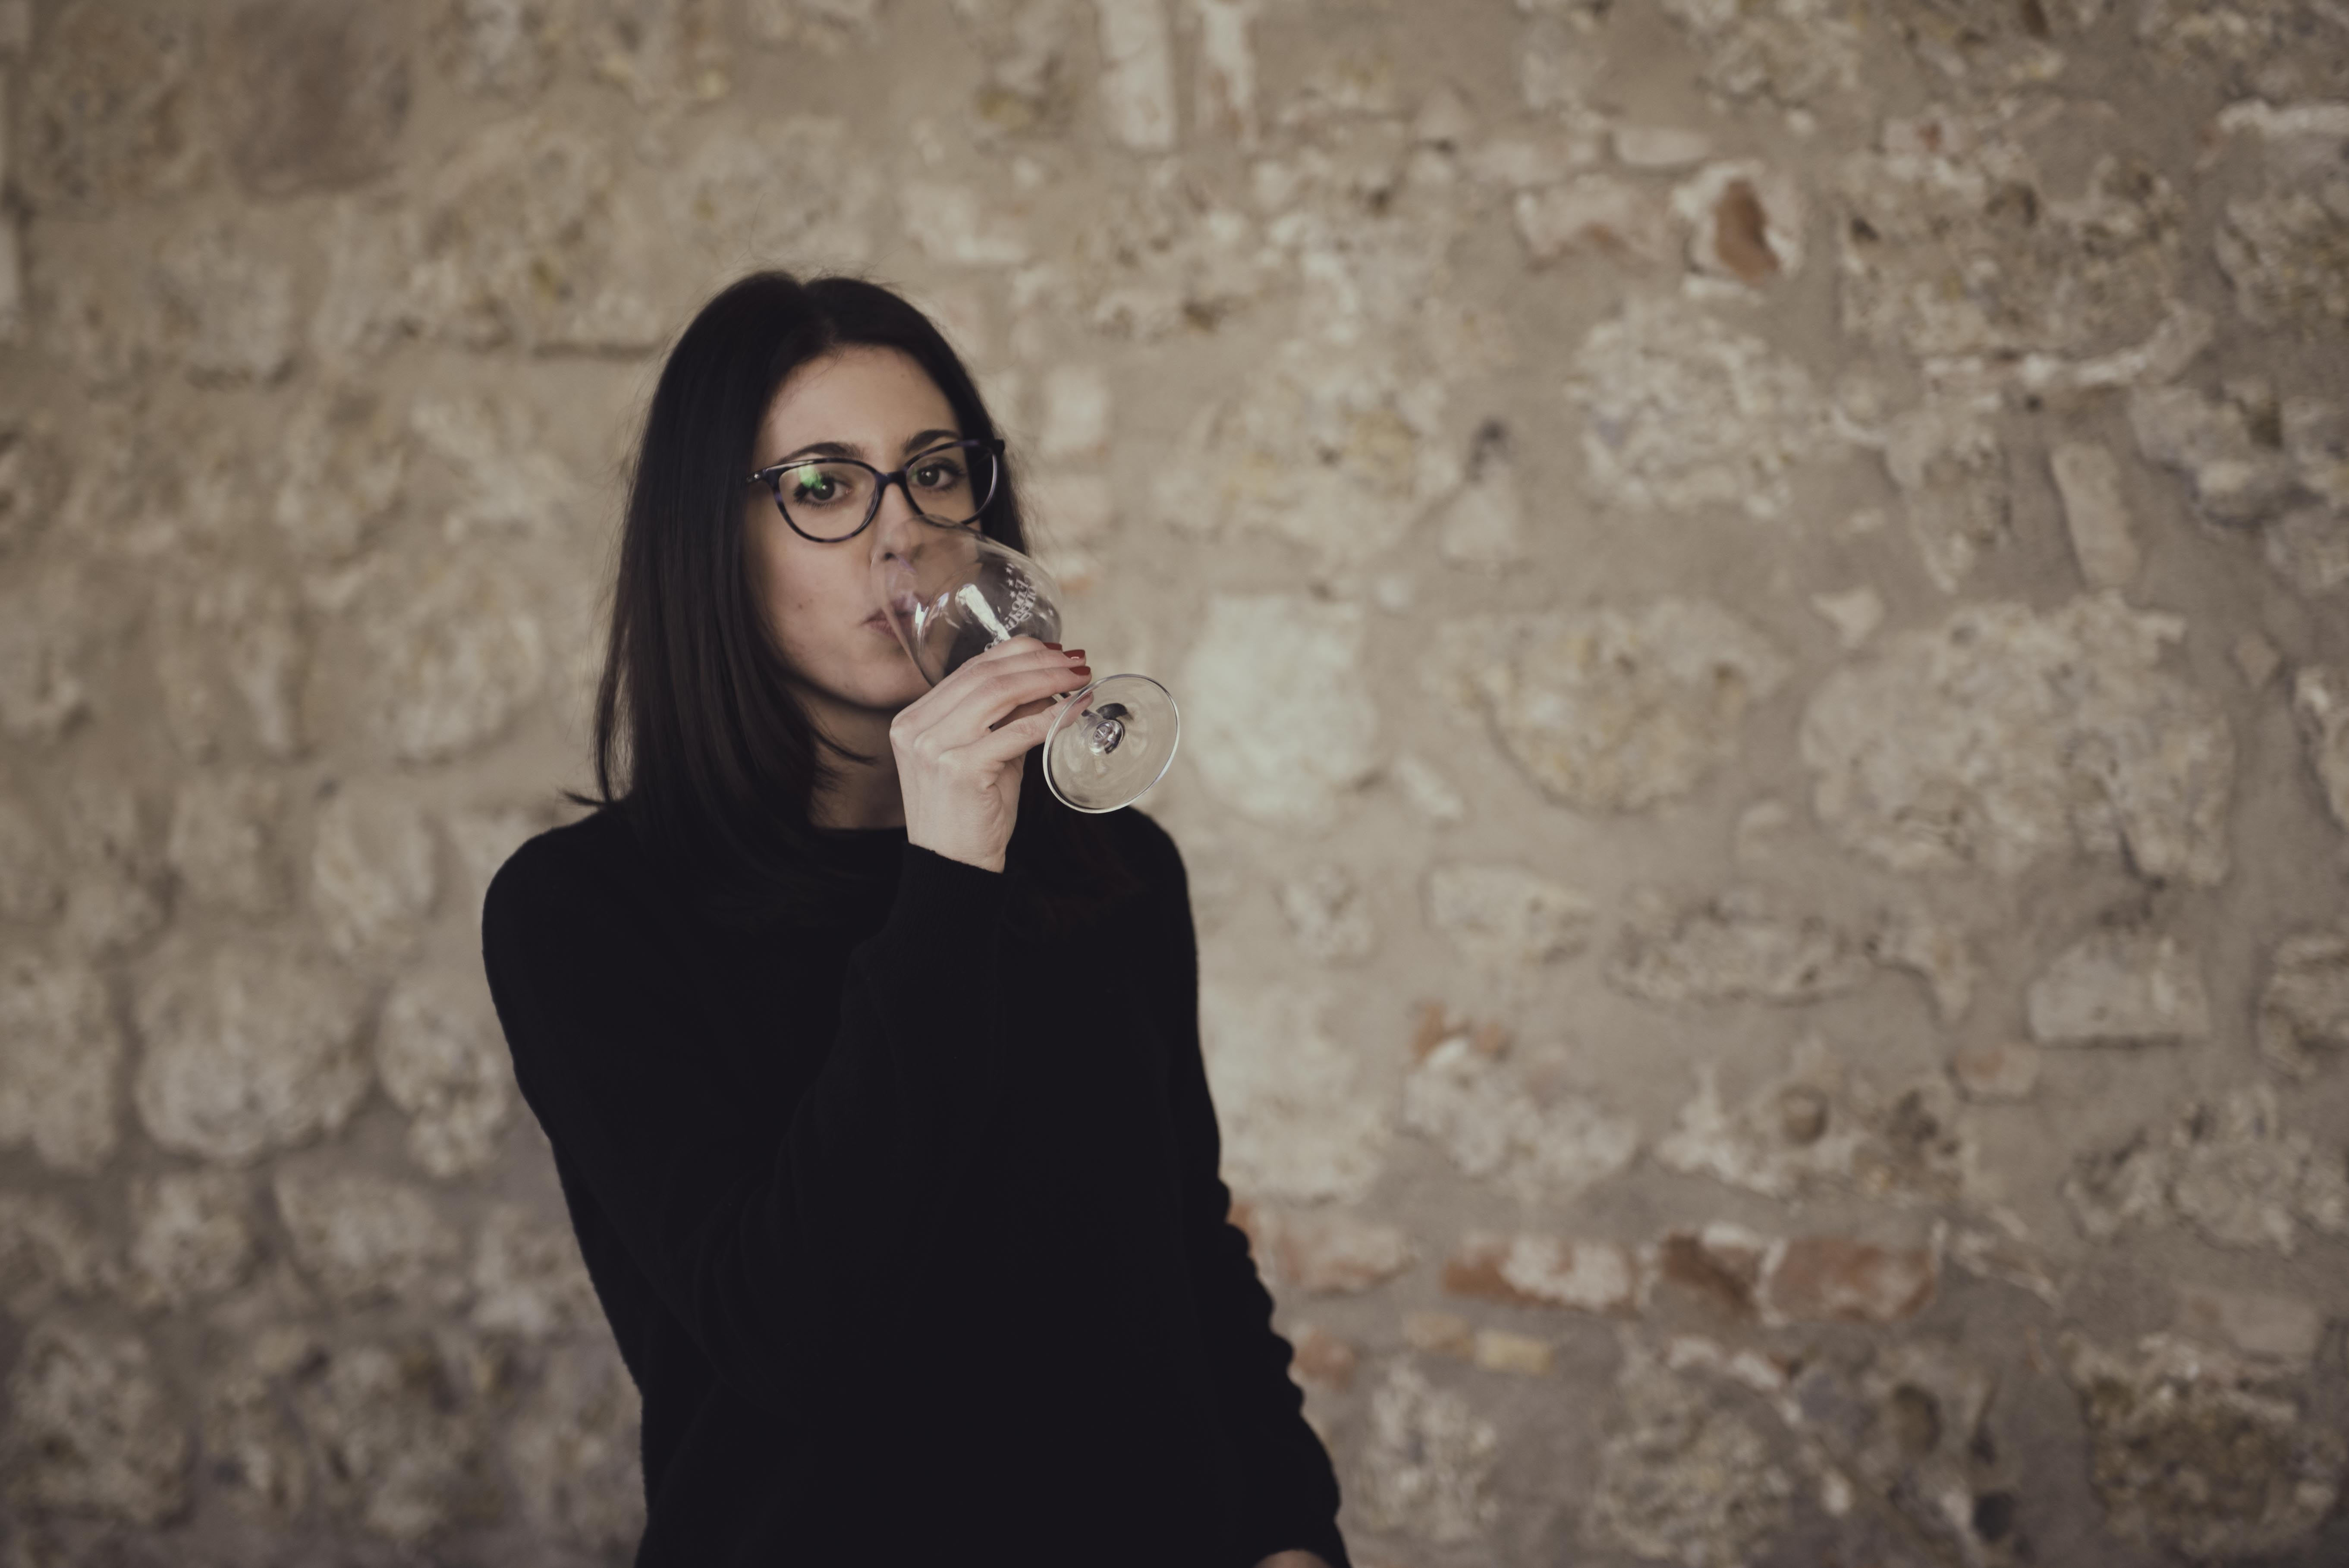 Martina Basciano